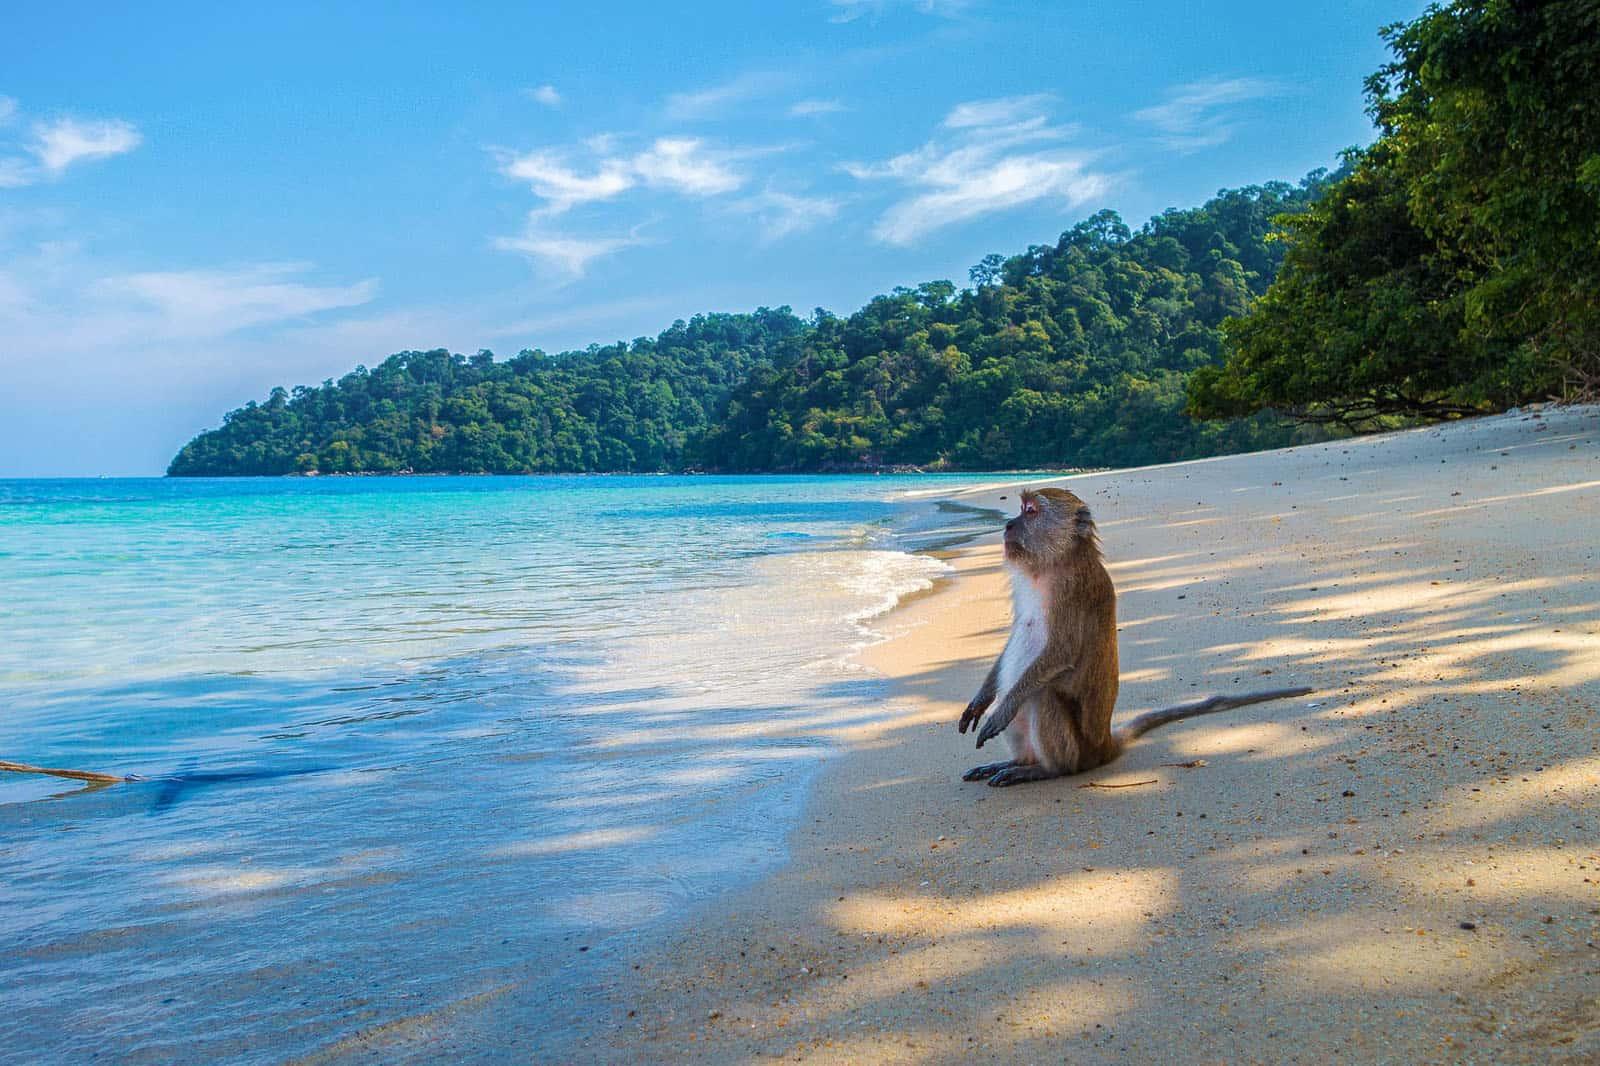 Monkey on a beach